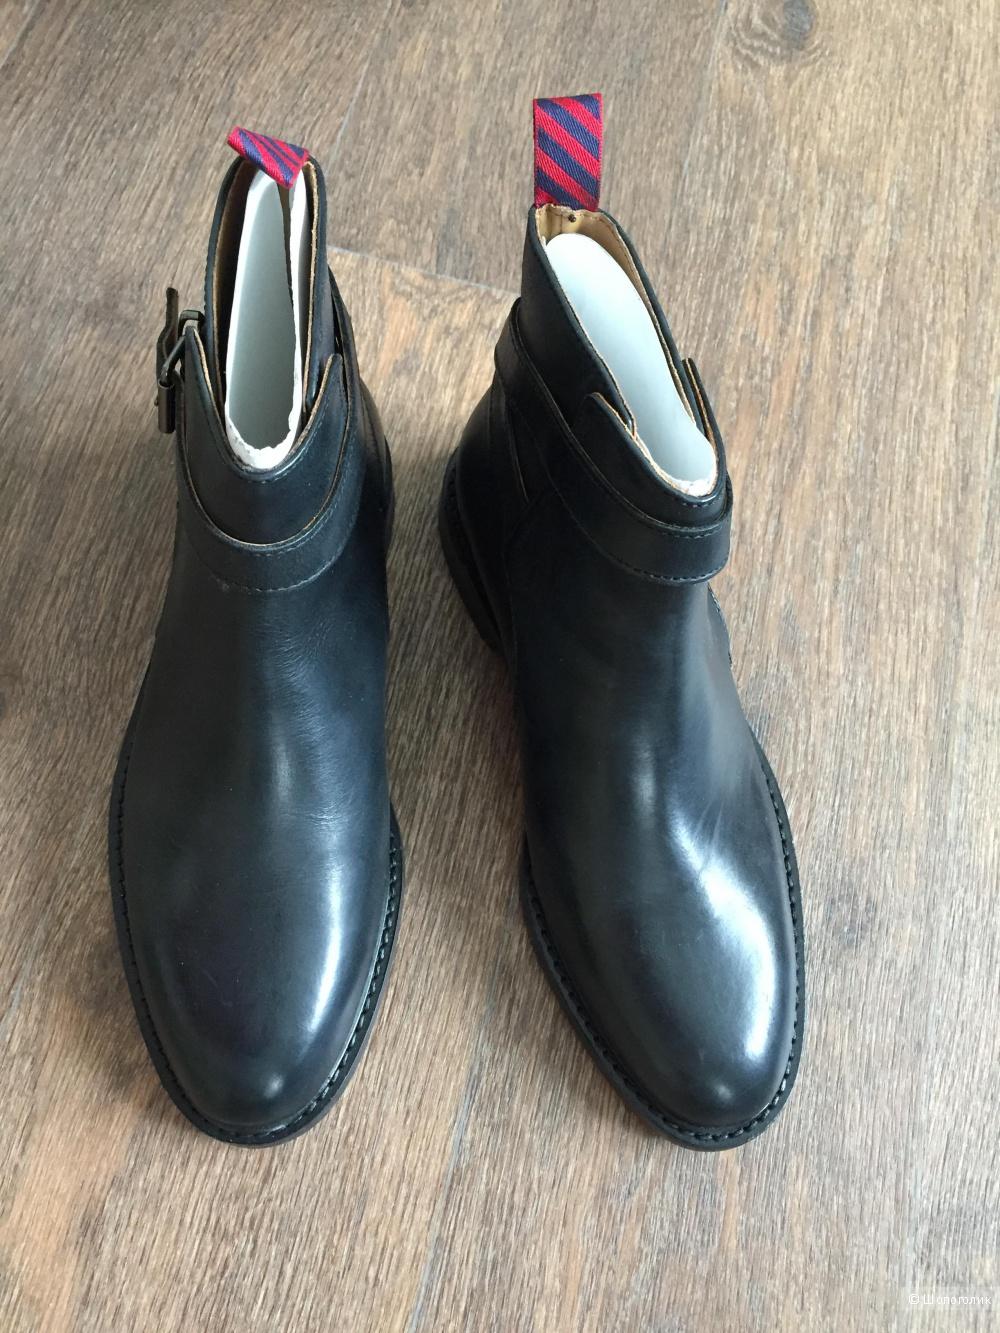 Ботинки Ralph Lauren, 9us